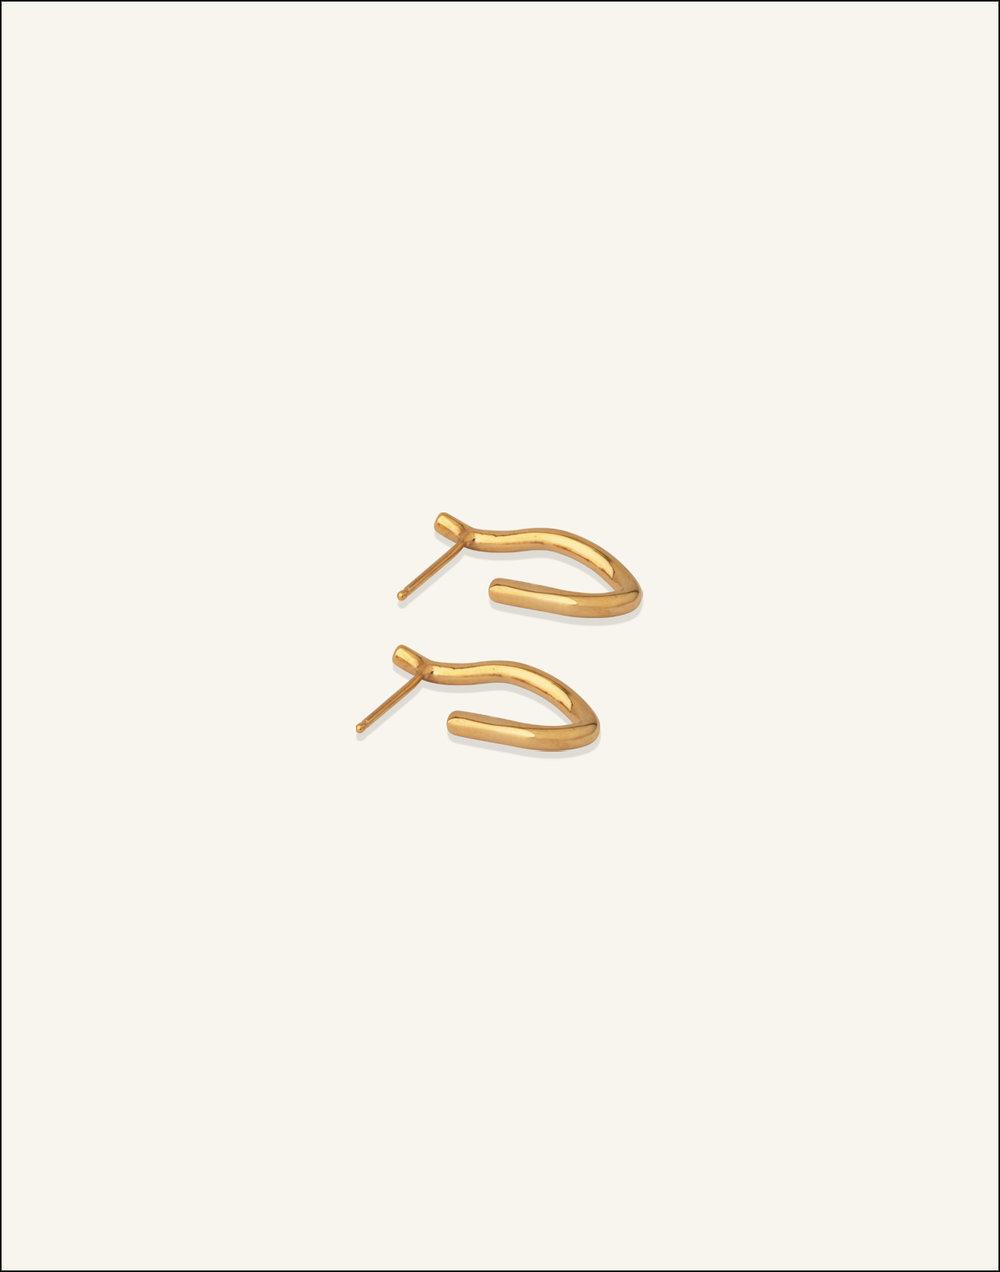 Completedworks-Earrings-Riot-II-4-1.jpg